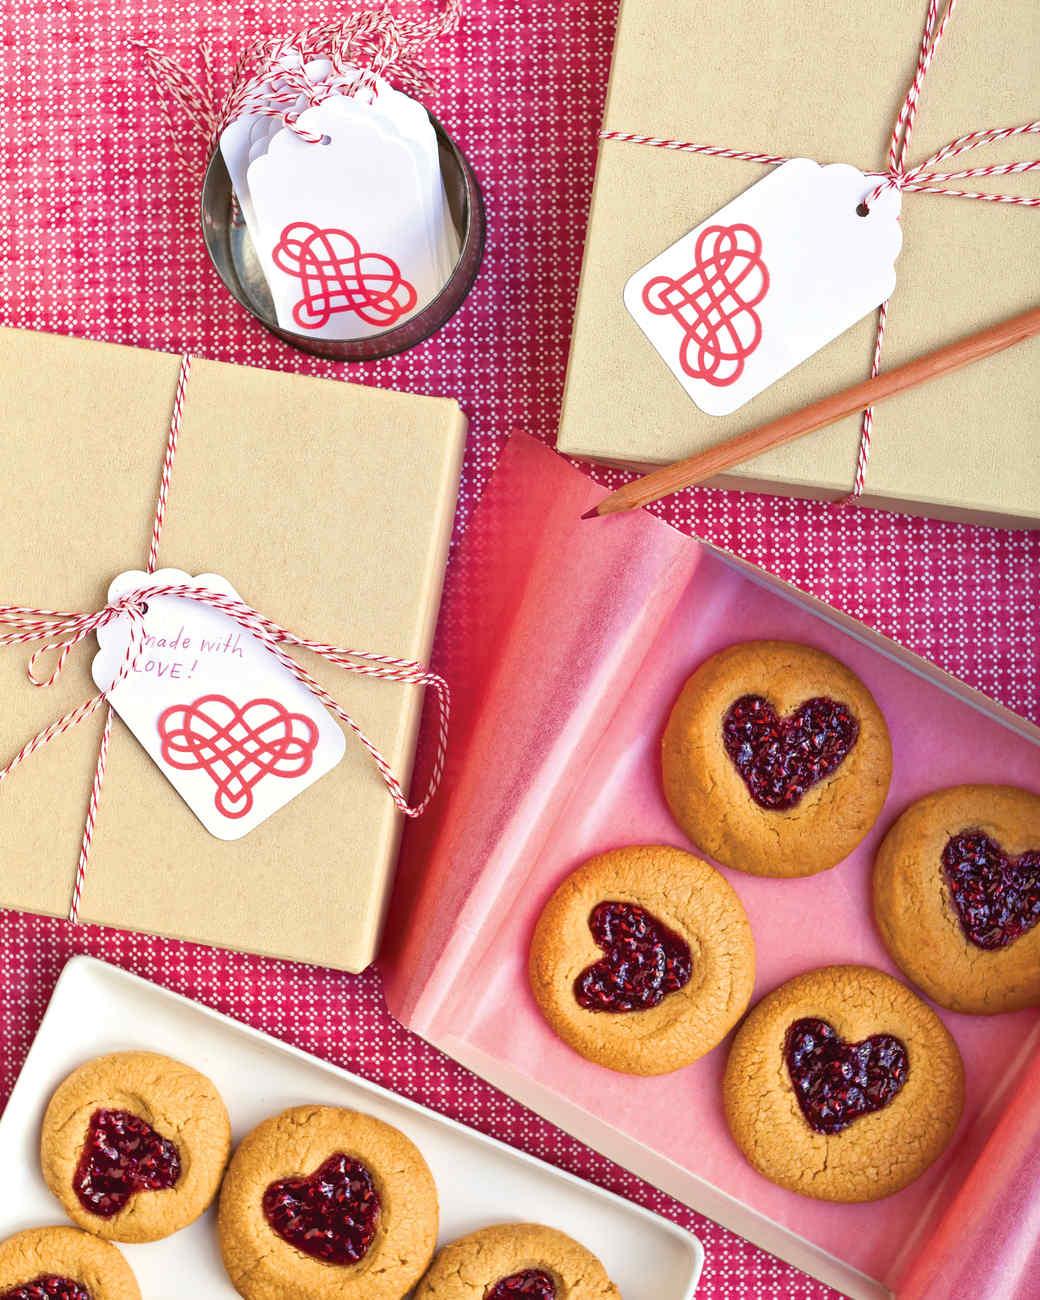 mld106836_0211_9cookies17_9849.jpg